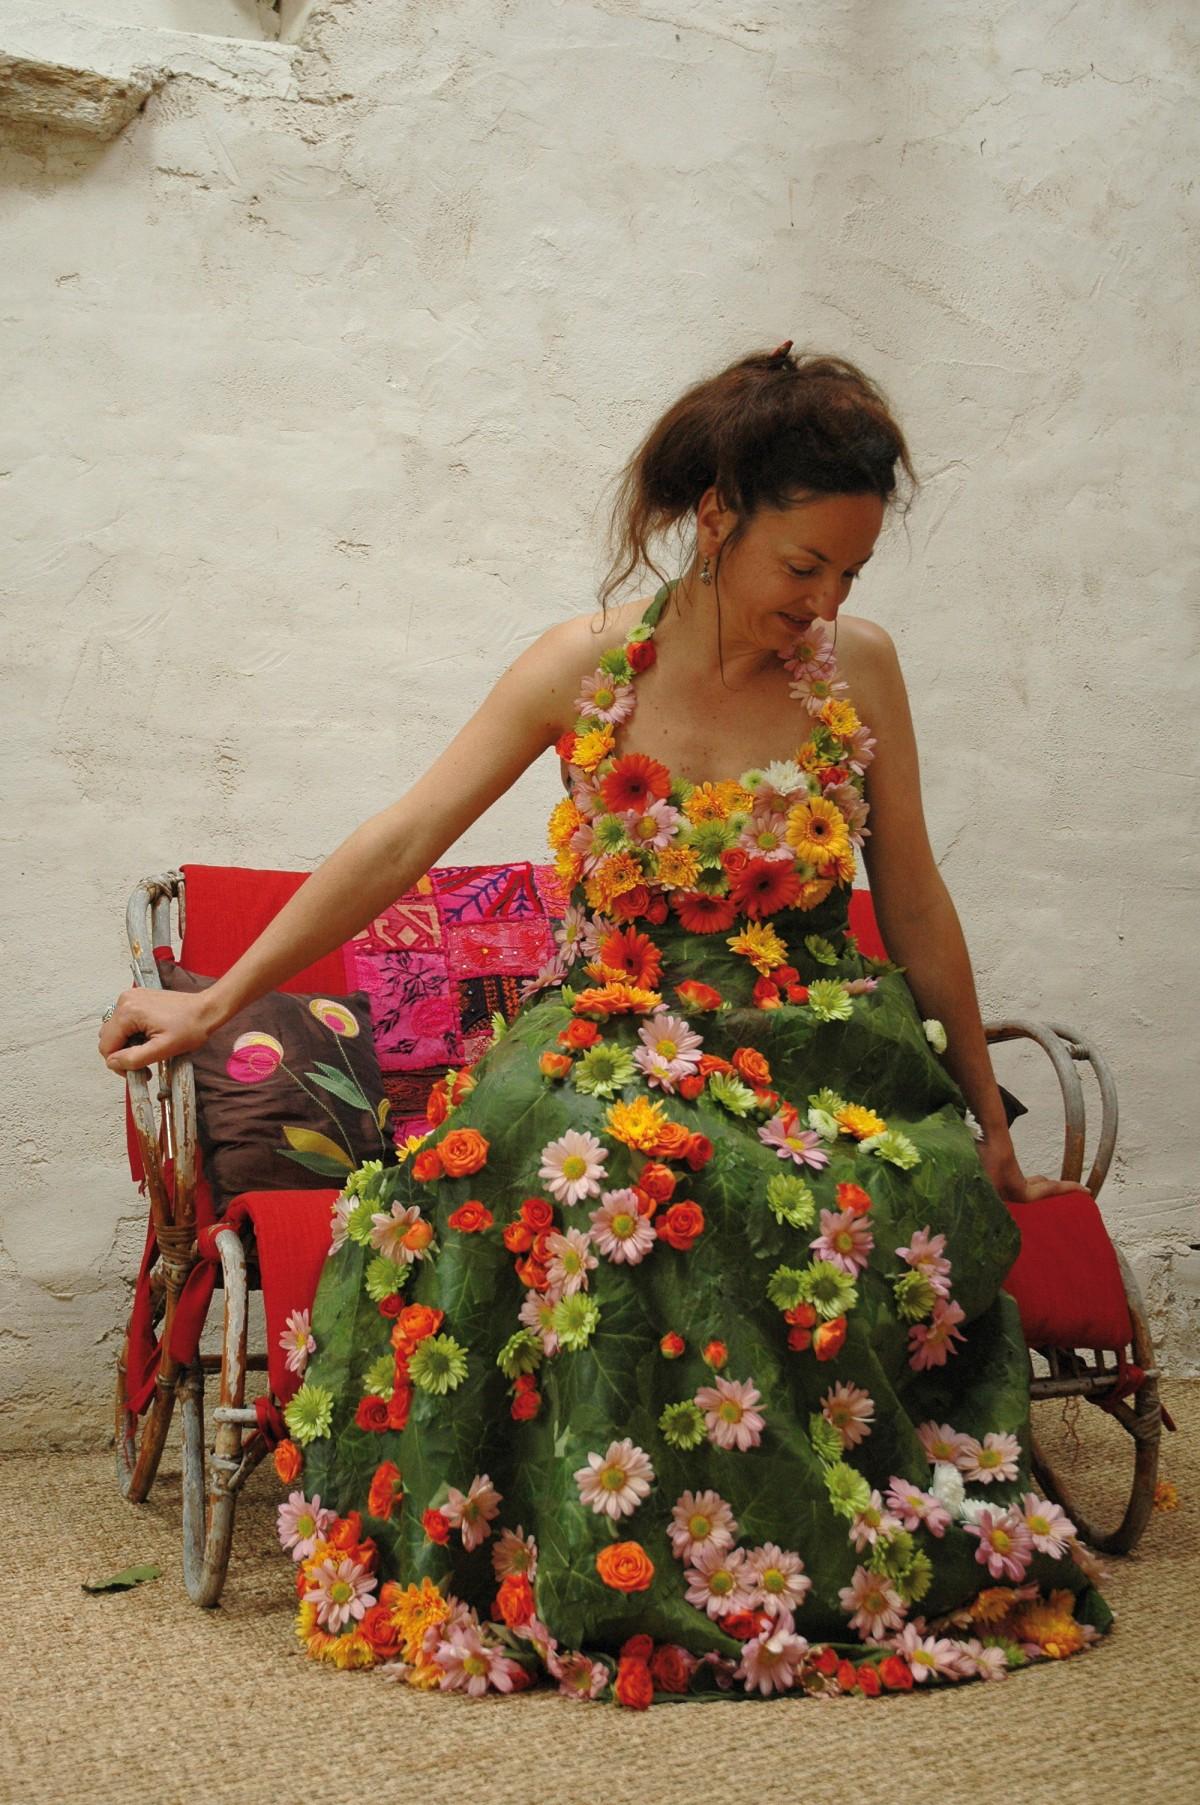 Pour chaque «Robe d'un jour», le choix du modèle de robe de mariée et de la composition se font avec l'artiste, sur rendez-vous à son atelier près de Nantes et partout ailleurs : Bethsabée Beslon, créatrice de ces étonnantes robes de mariée éphémères, se déplace dans toute la France, et au-delà. La gamme de prix varie de 1400 à 7000 euros environ, avec un prix moyen autour de 3000 euros. www.bethsabeebeslon.com Photo Bénédicte Beslon